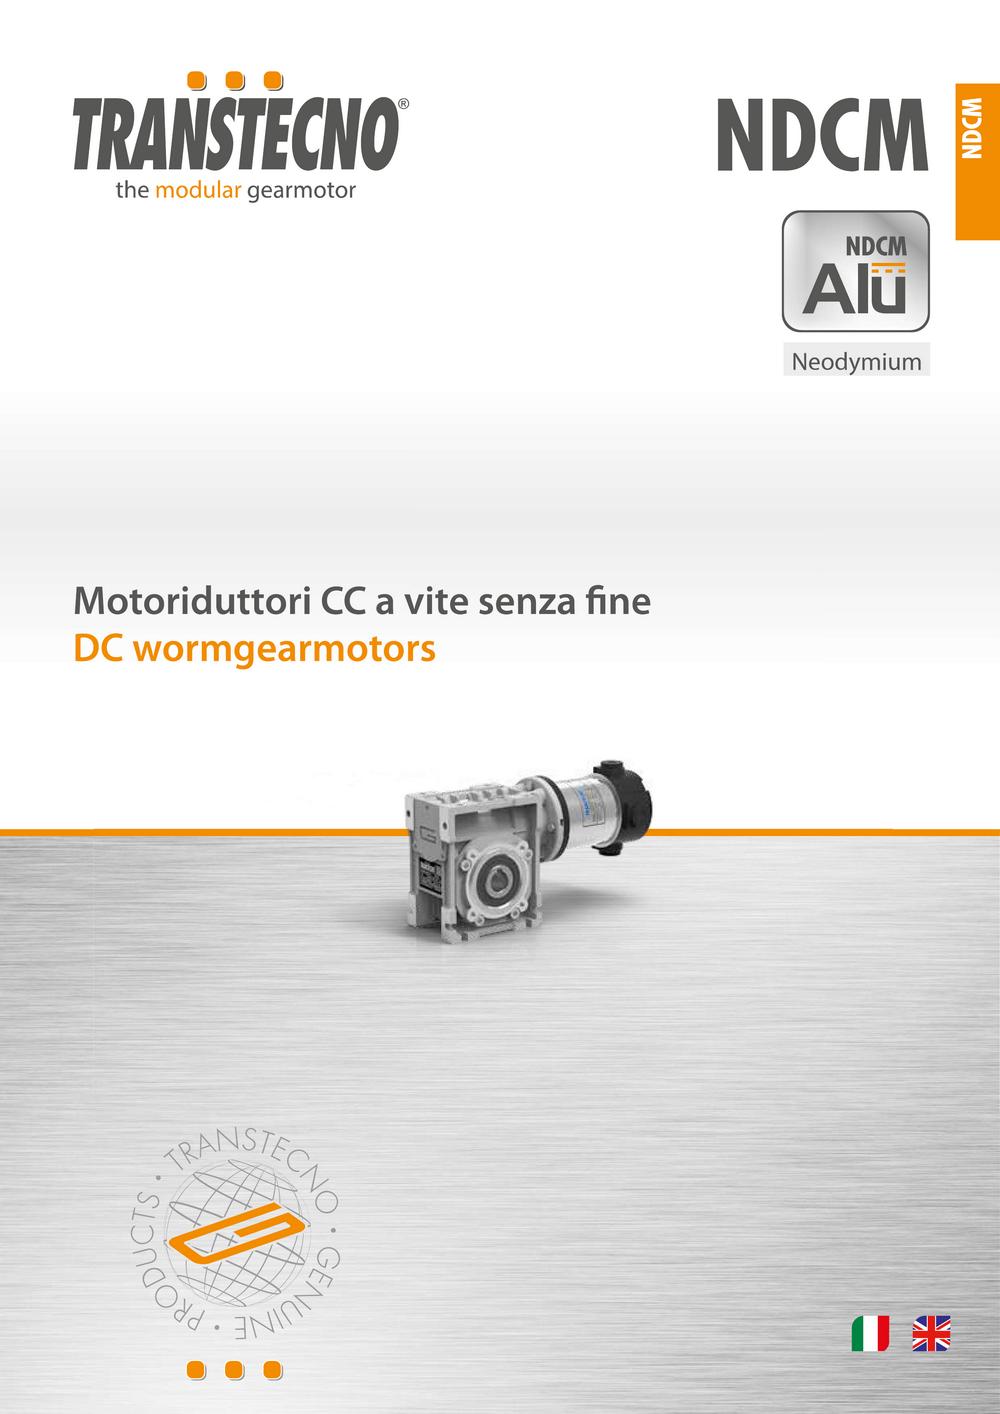 Червячный мотор-редуктор с двигателем постоянного тока с неодимовыми магнитами.